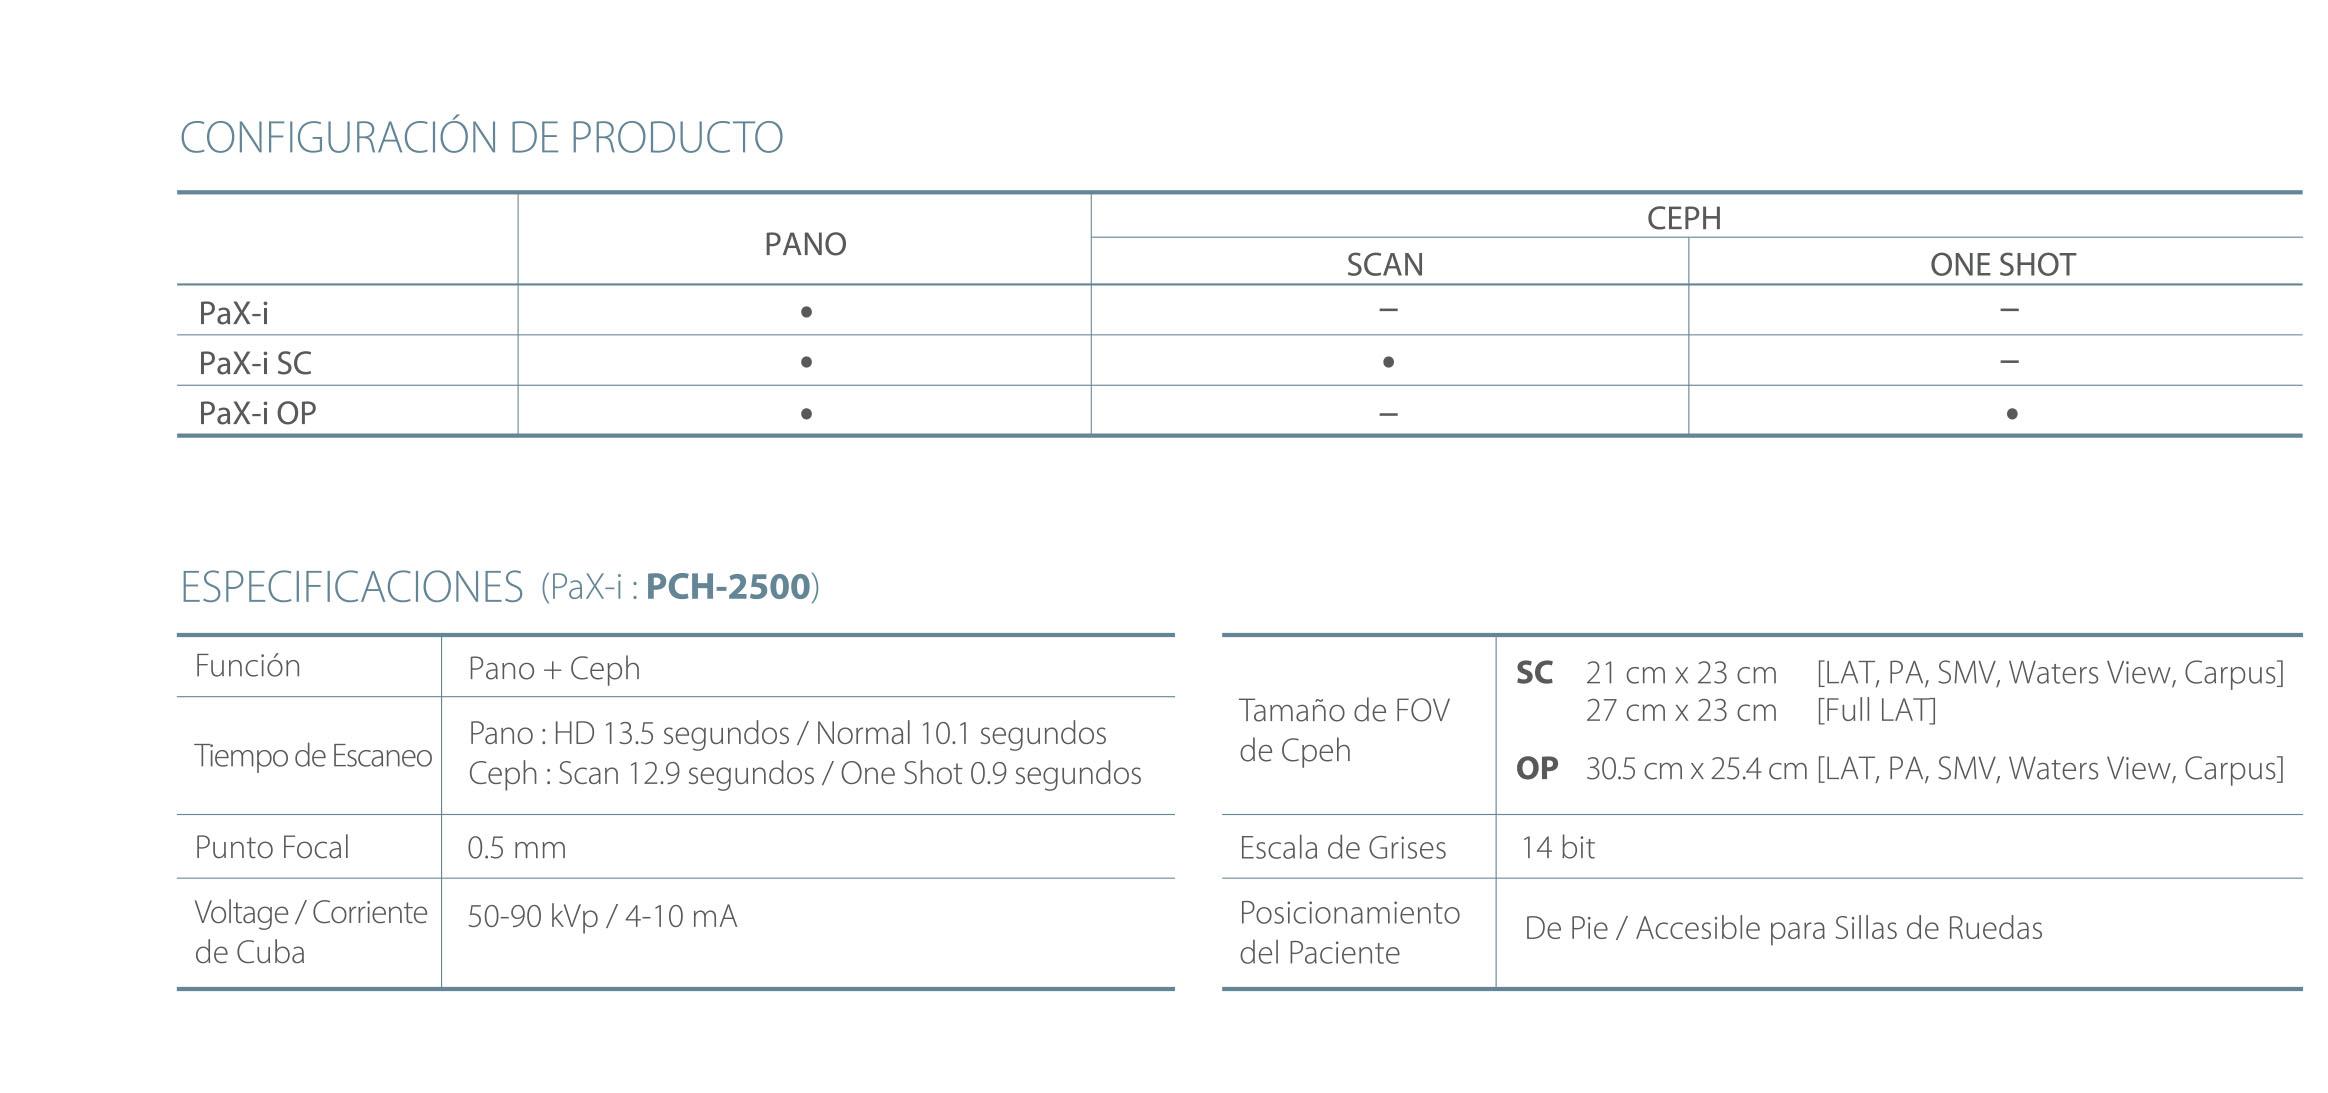 Panorámico / Telepanorámico Digital Pax-i Especificaciones.